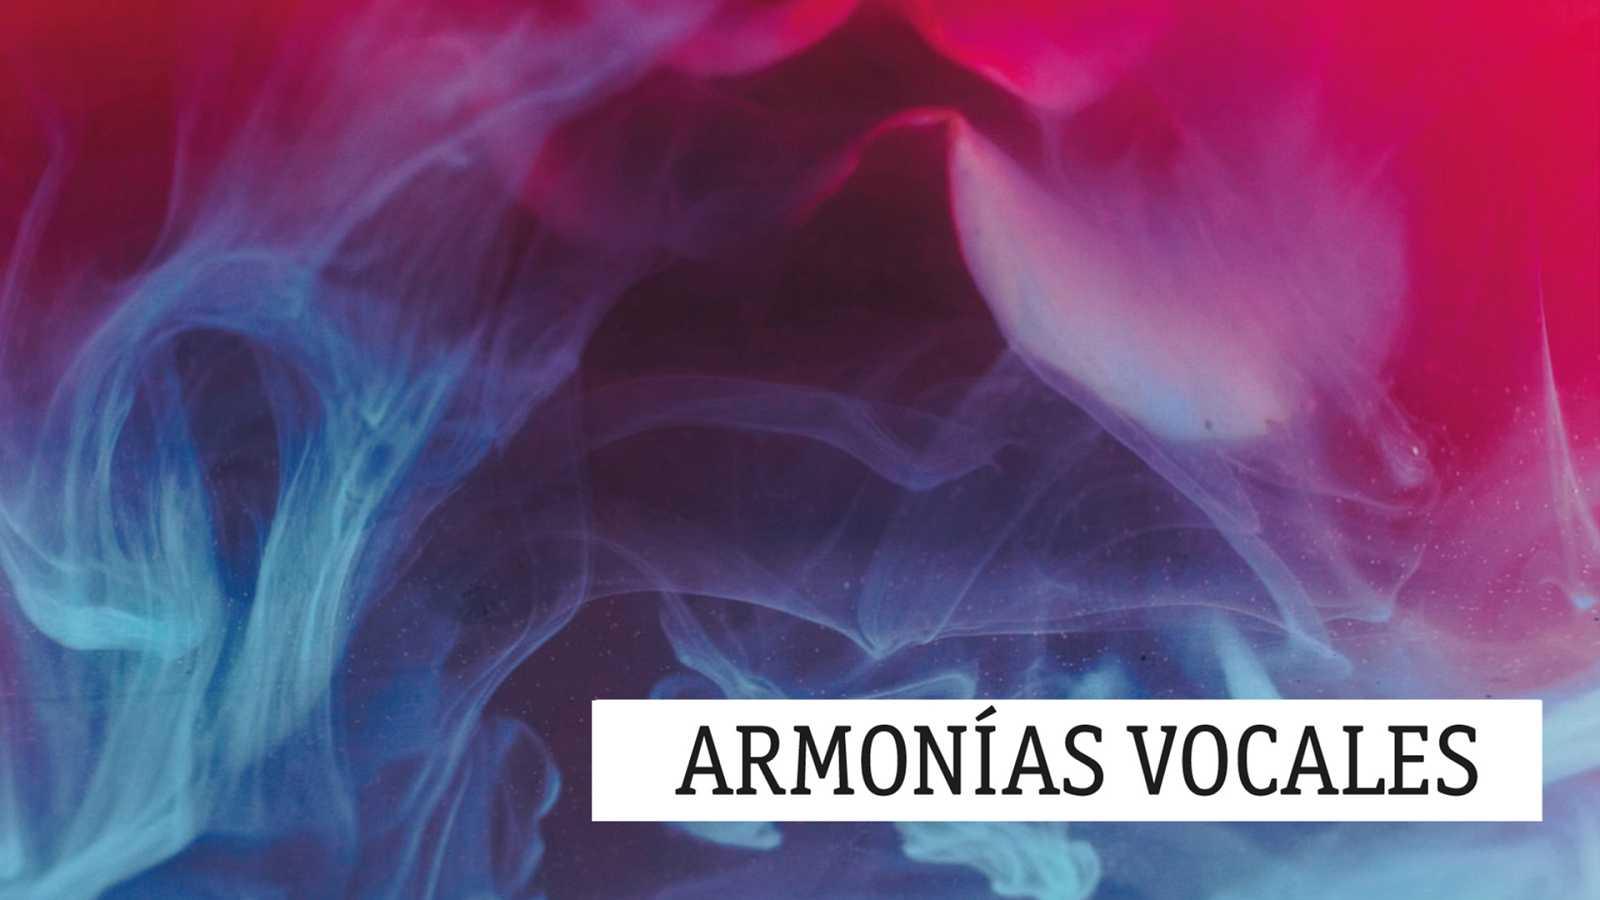 Armonías vocales -  07/06/20 - escuchar ahora